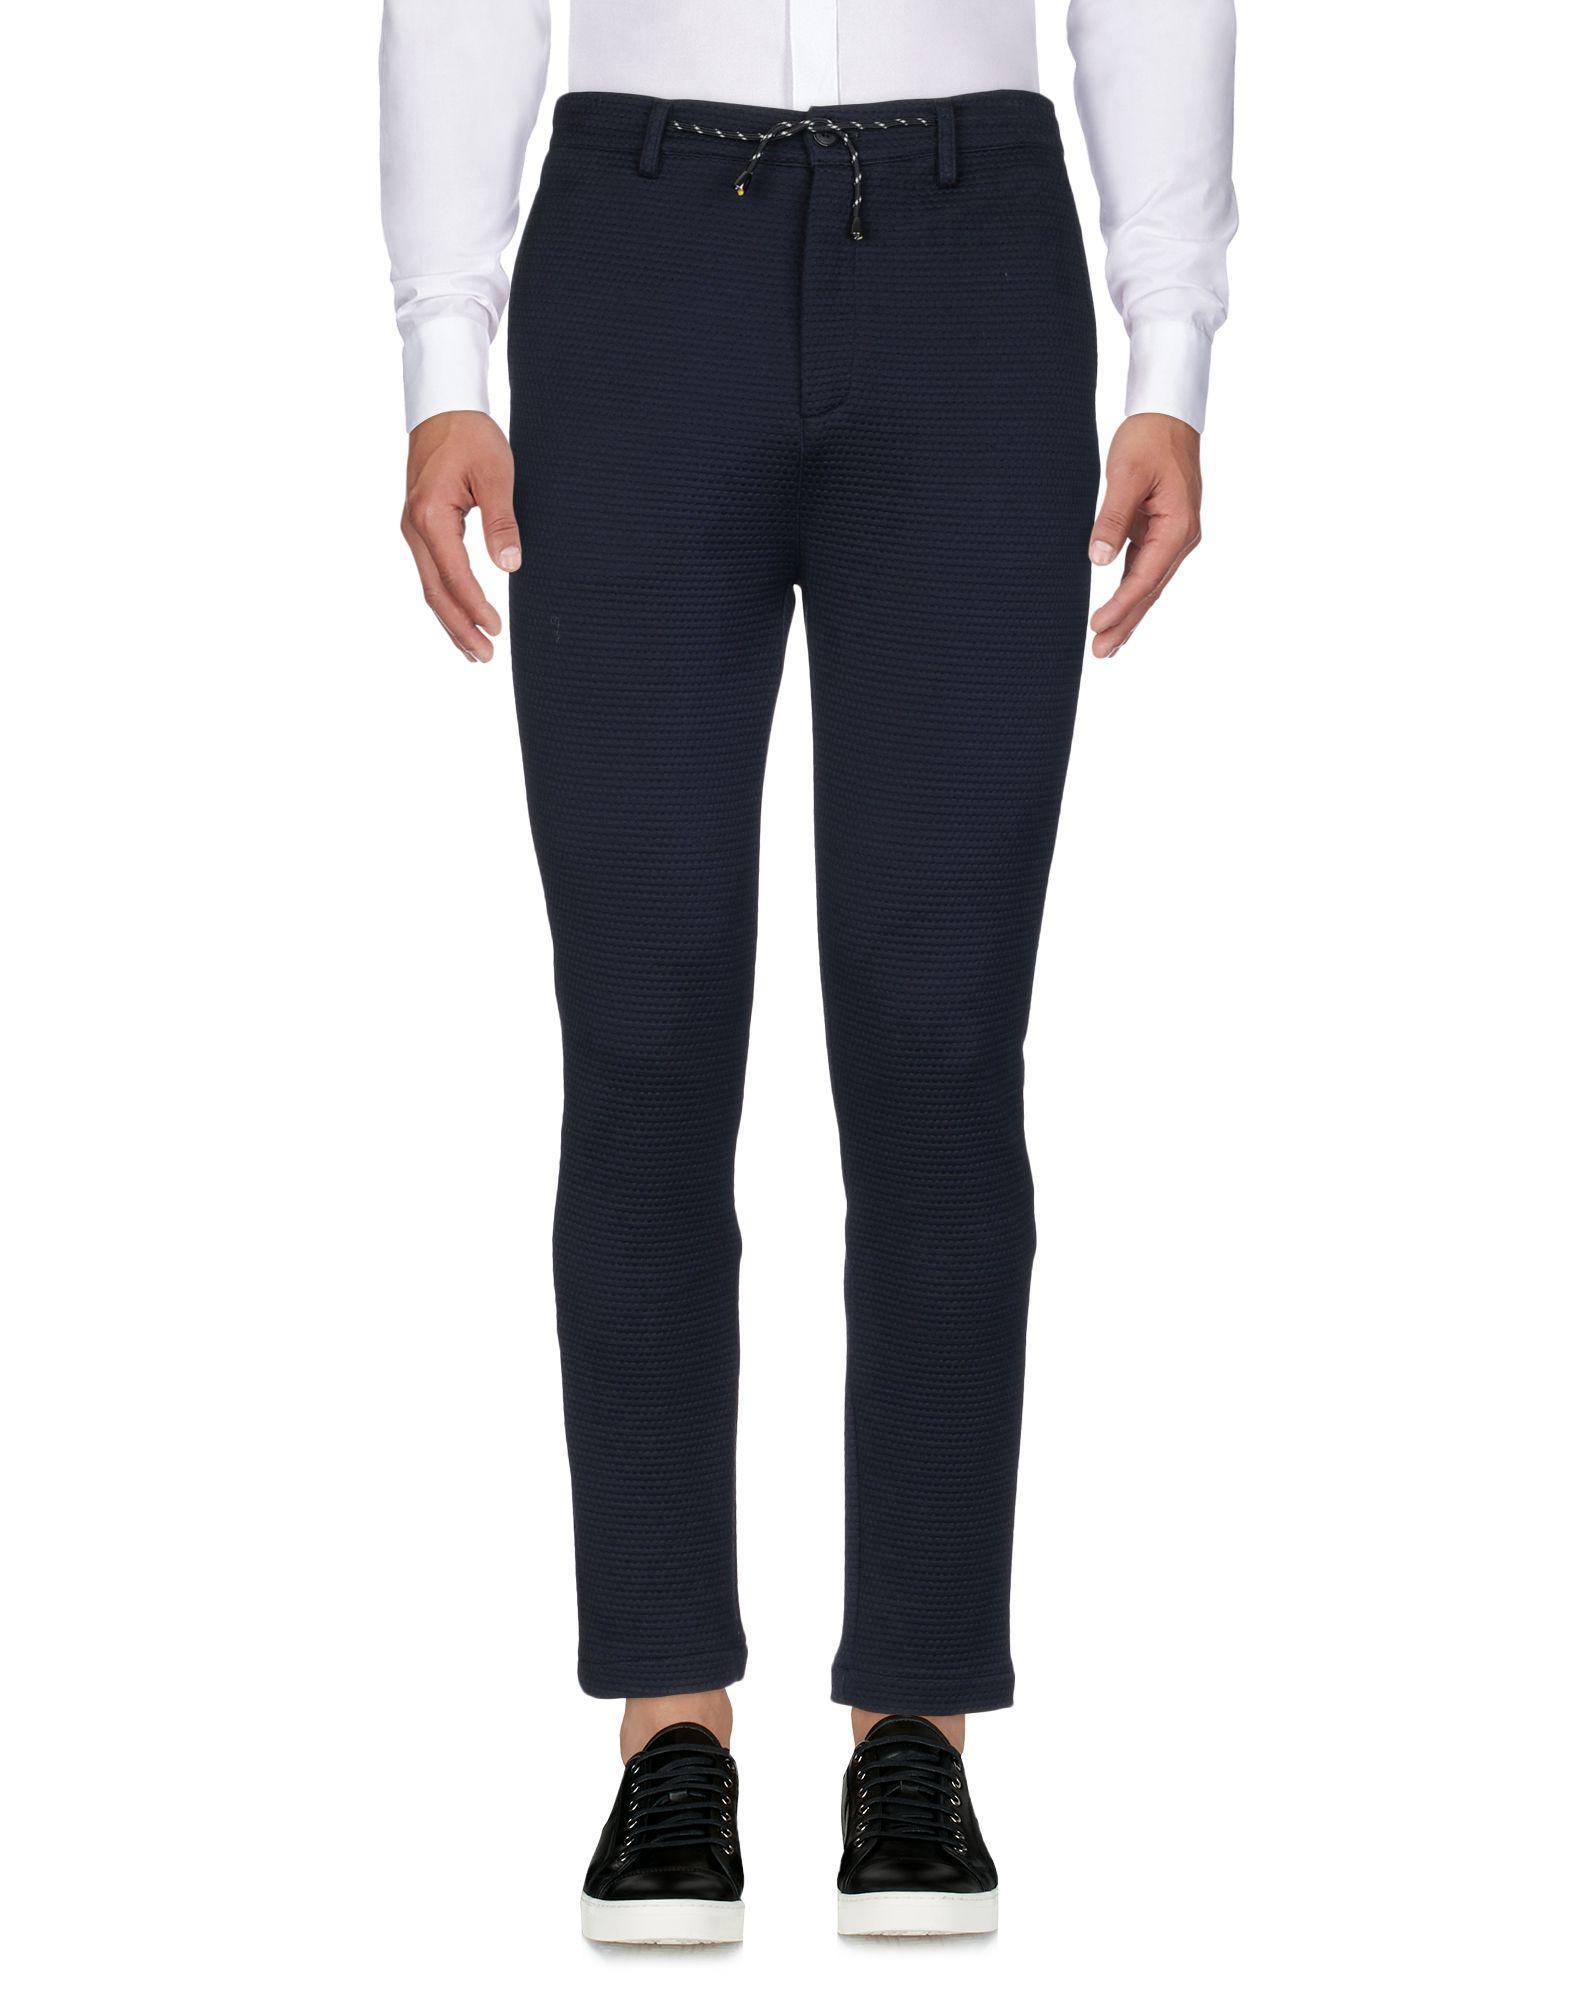 Pantalon - Pantalon Décontracté Distretto 12 hSkIf